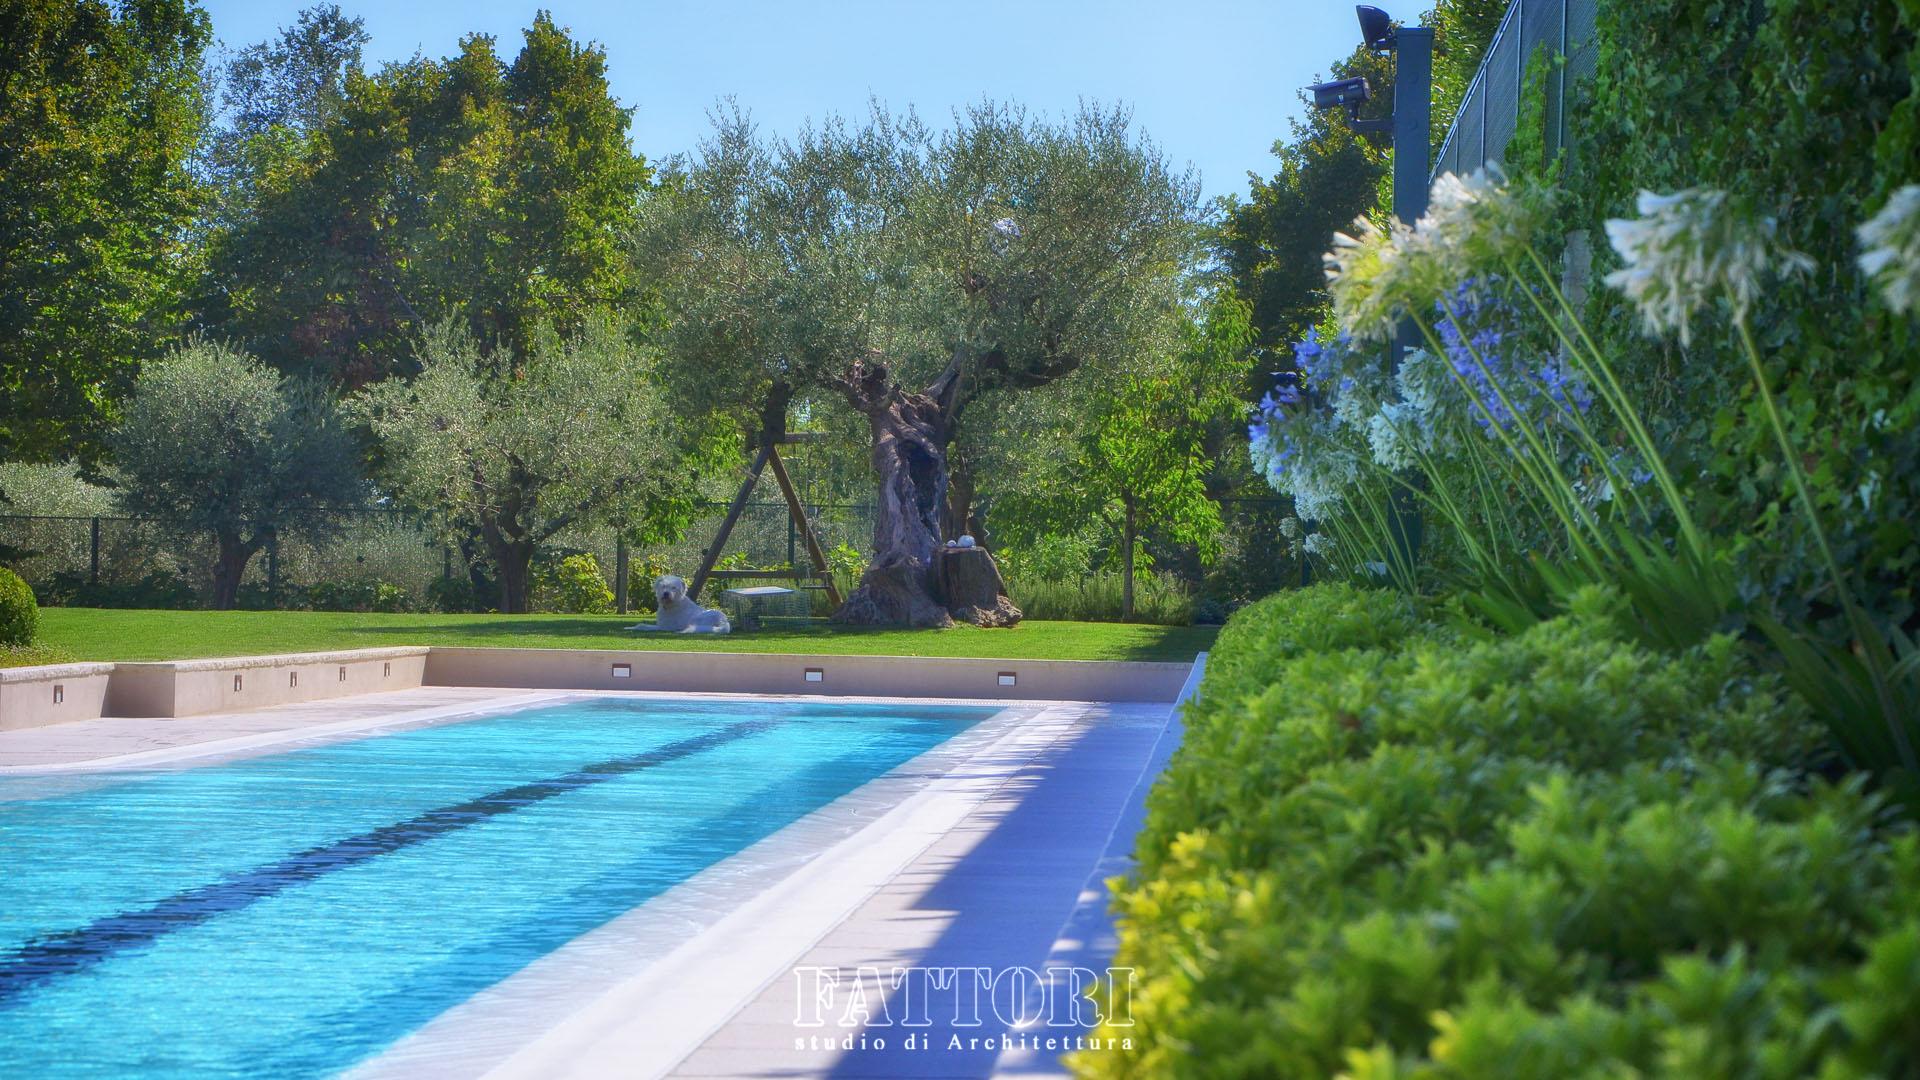 Studio di Architettura Fattori Fausto_progettazione ville residenziali_8